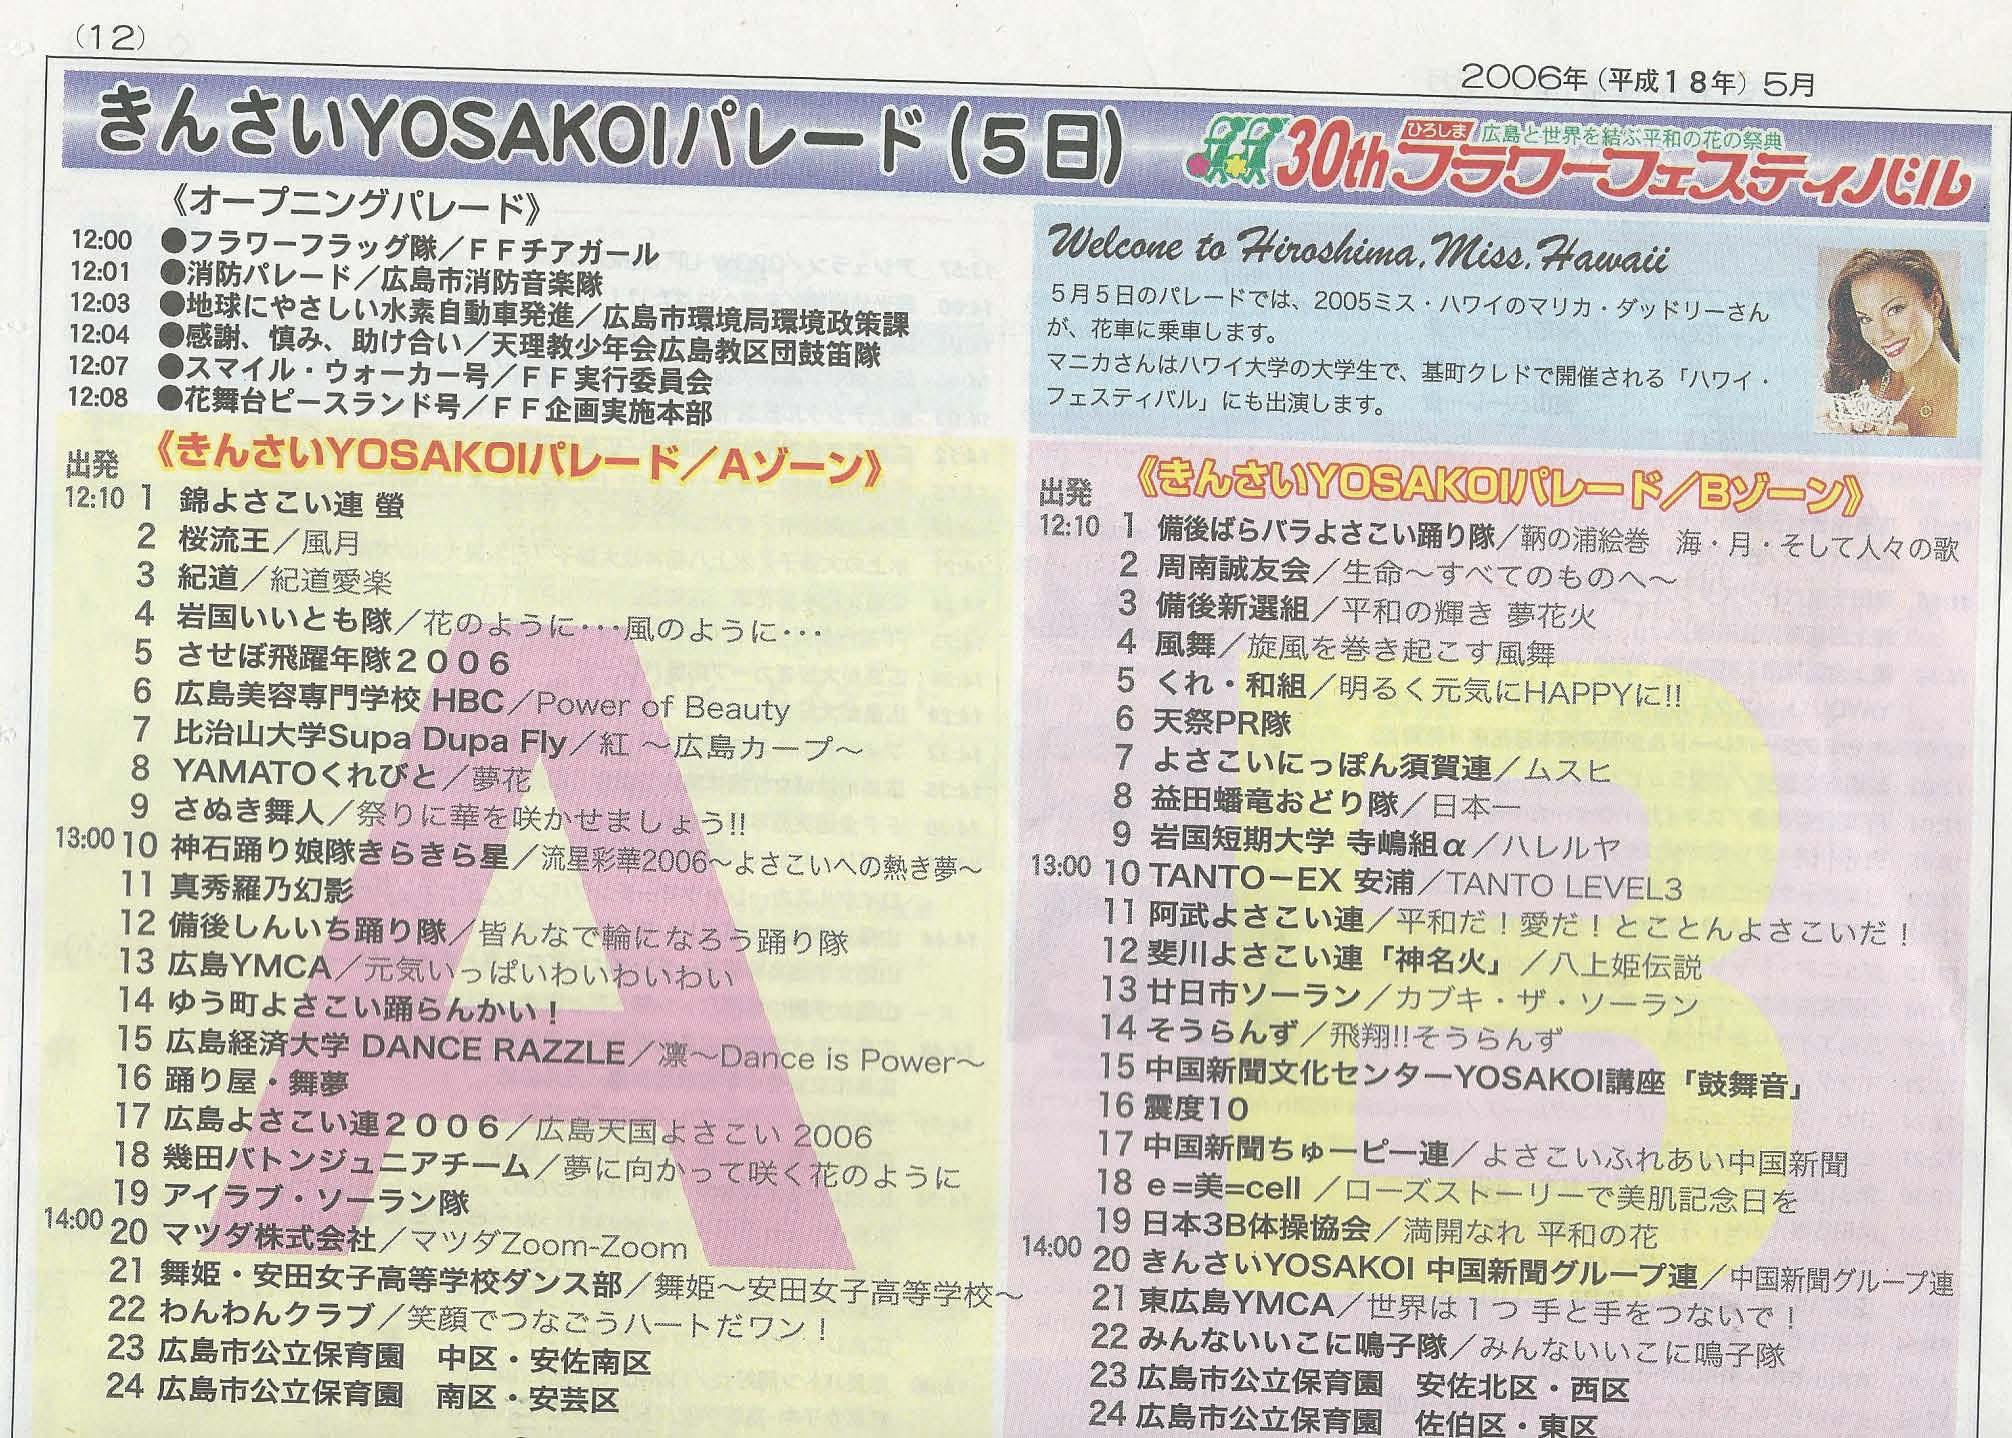 Japanese Newspaper: Hiroshima